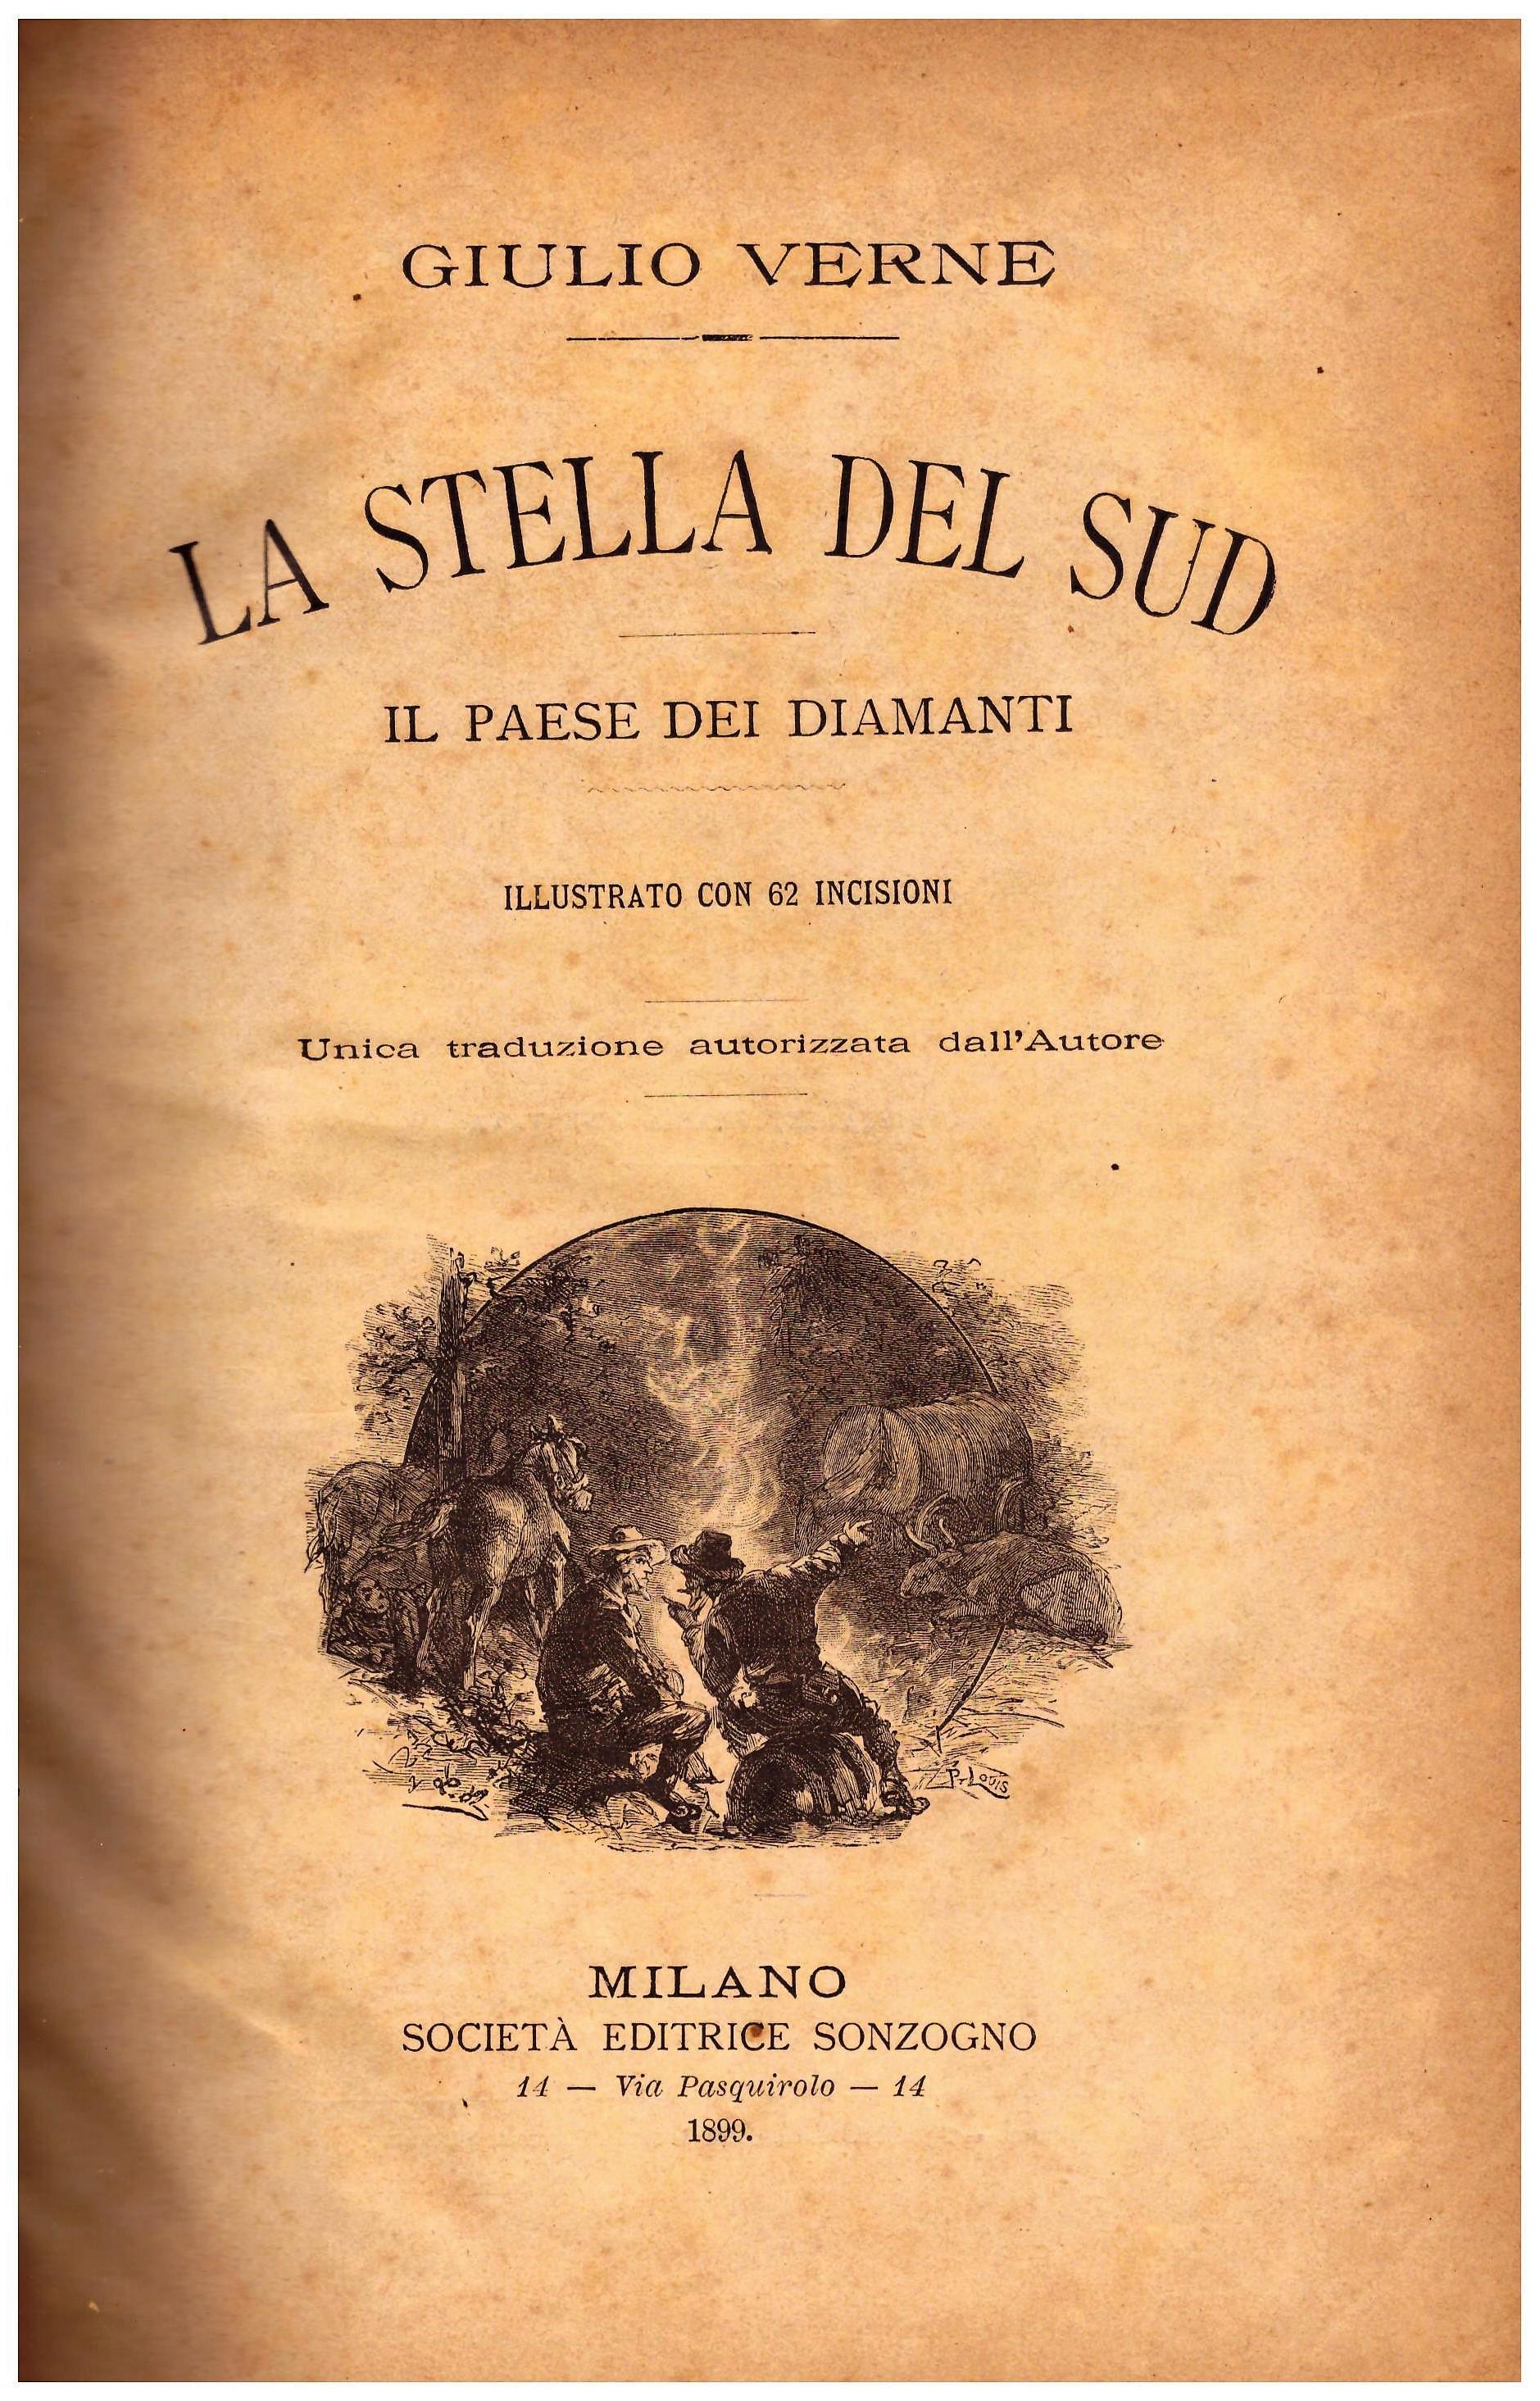 Titolo: La stella del sud, il paese dei diamanti Autore: Giulio Verne Editore: Società editrice Sonzogno Milano 1899